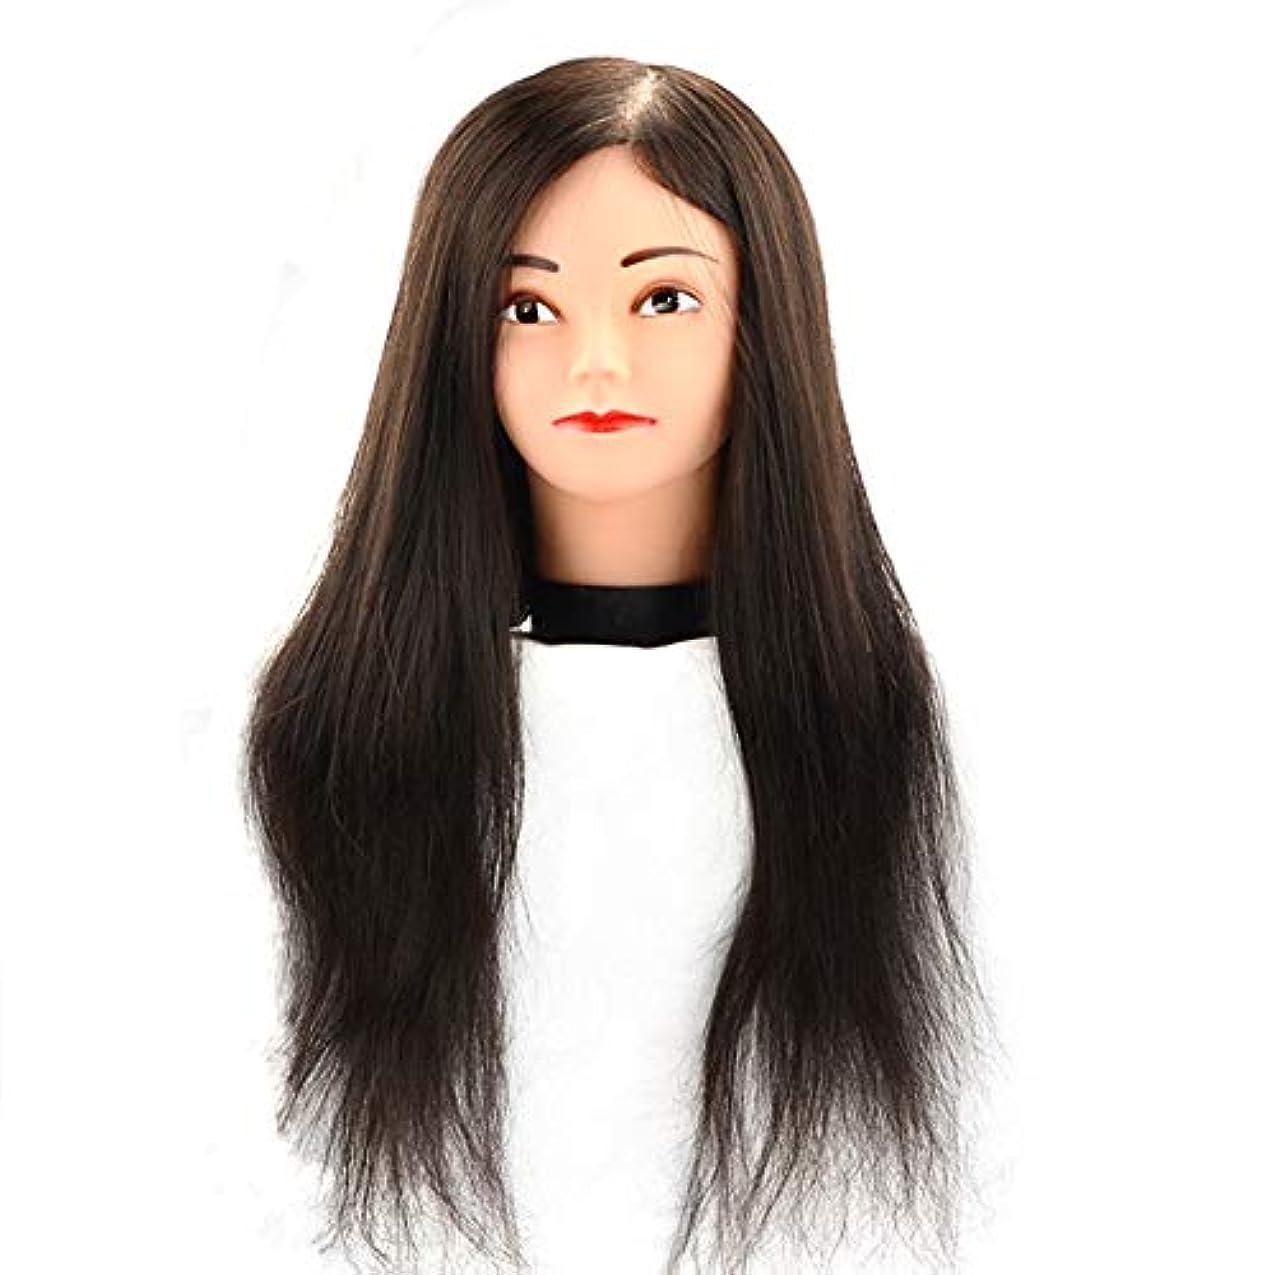 ツール確認お父さん理髪店パーマ染め髪ダミー練習ヘッド花嫁ディスク髪編組学習ヘッドモデルヘアマネキンヘッド